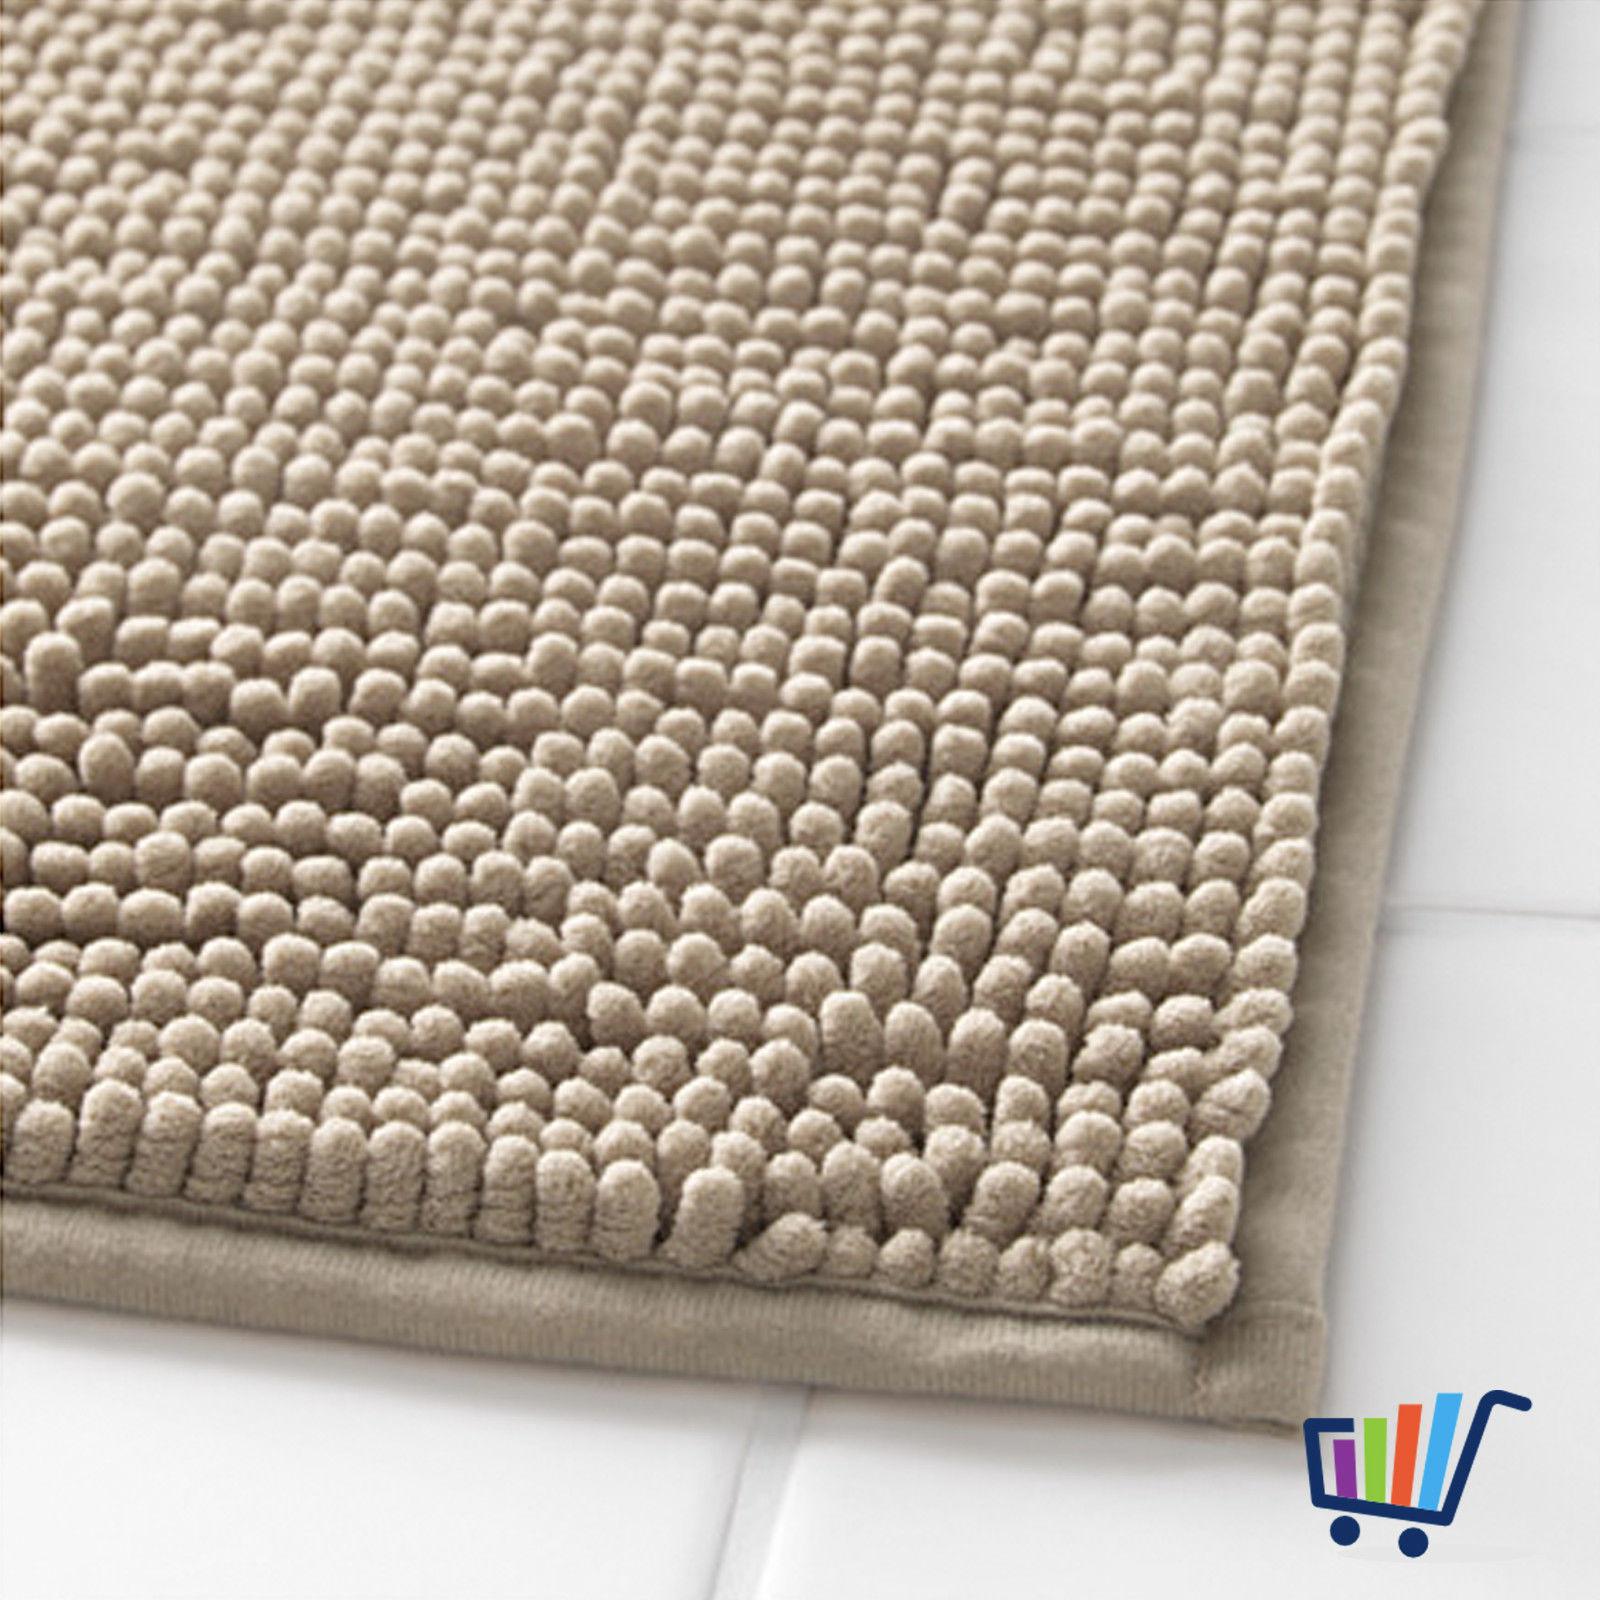 ikea toftbo duschmatte 60 90 cm beige matte vorleger badezimmermatte weich neu traumfabrik xxl. Black Bedroom Furniture Sets. Home Design Ideas